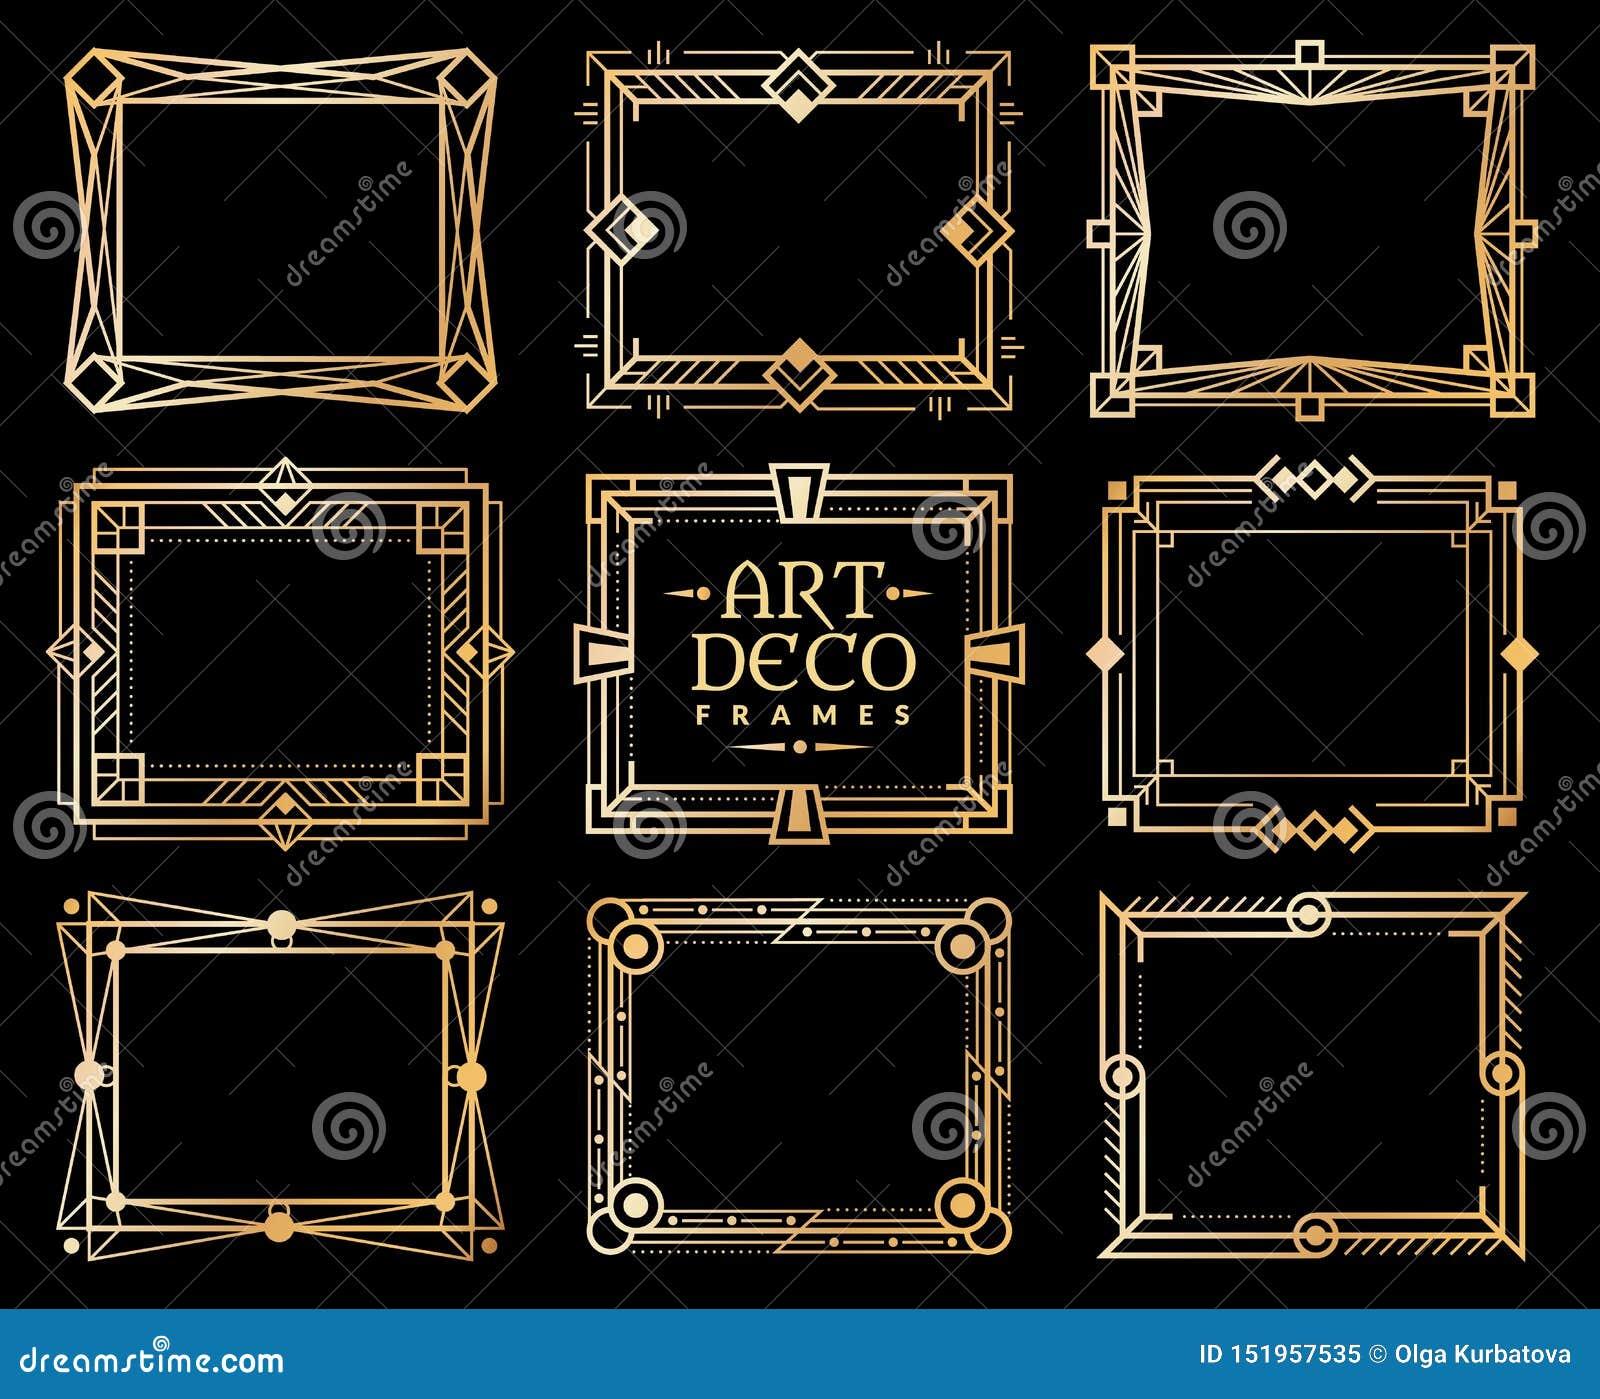 Quadros do art deco Beira gatsby do quadro do deco do ouro, linha romântica dourada teste padrão do convite projeto luxuoso retro